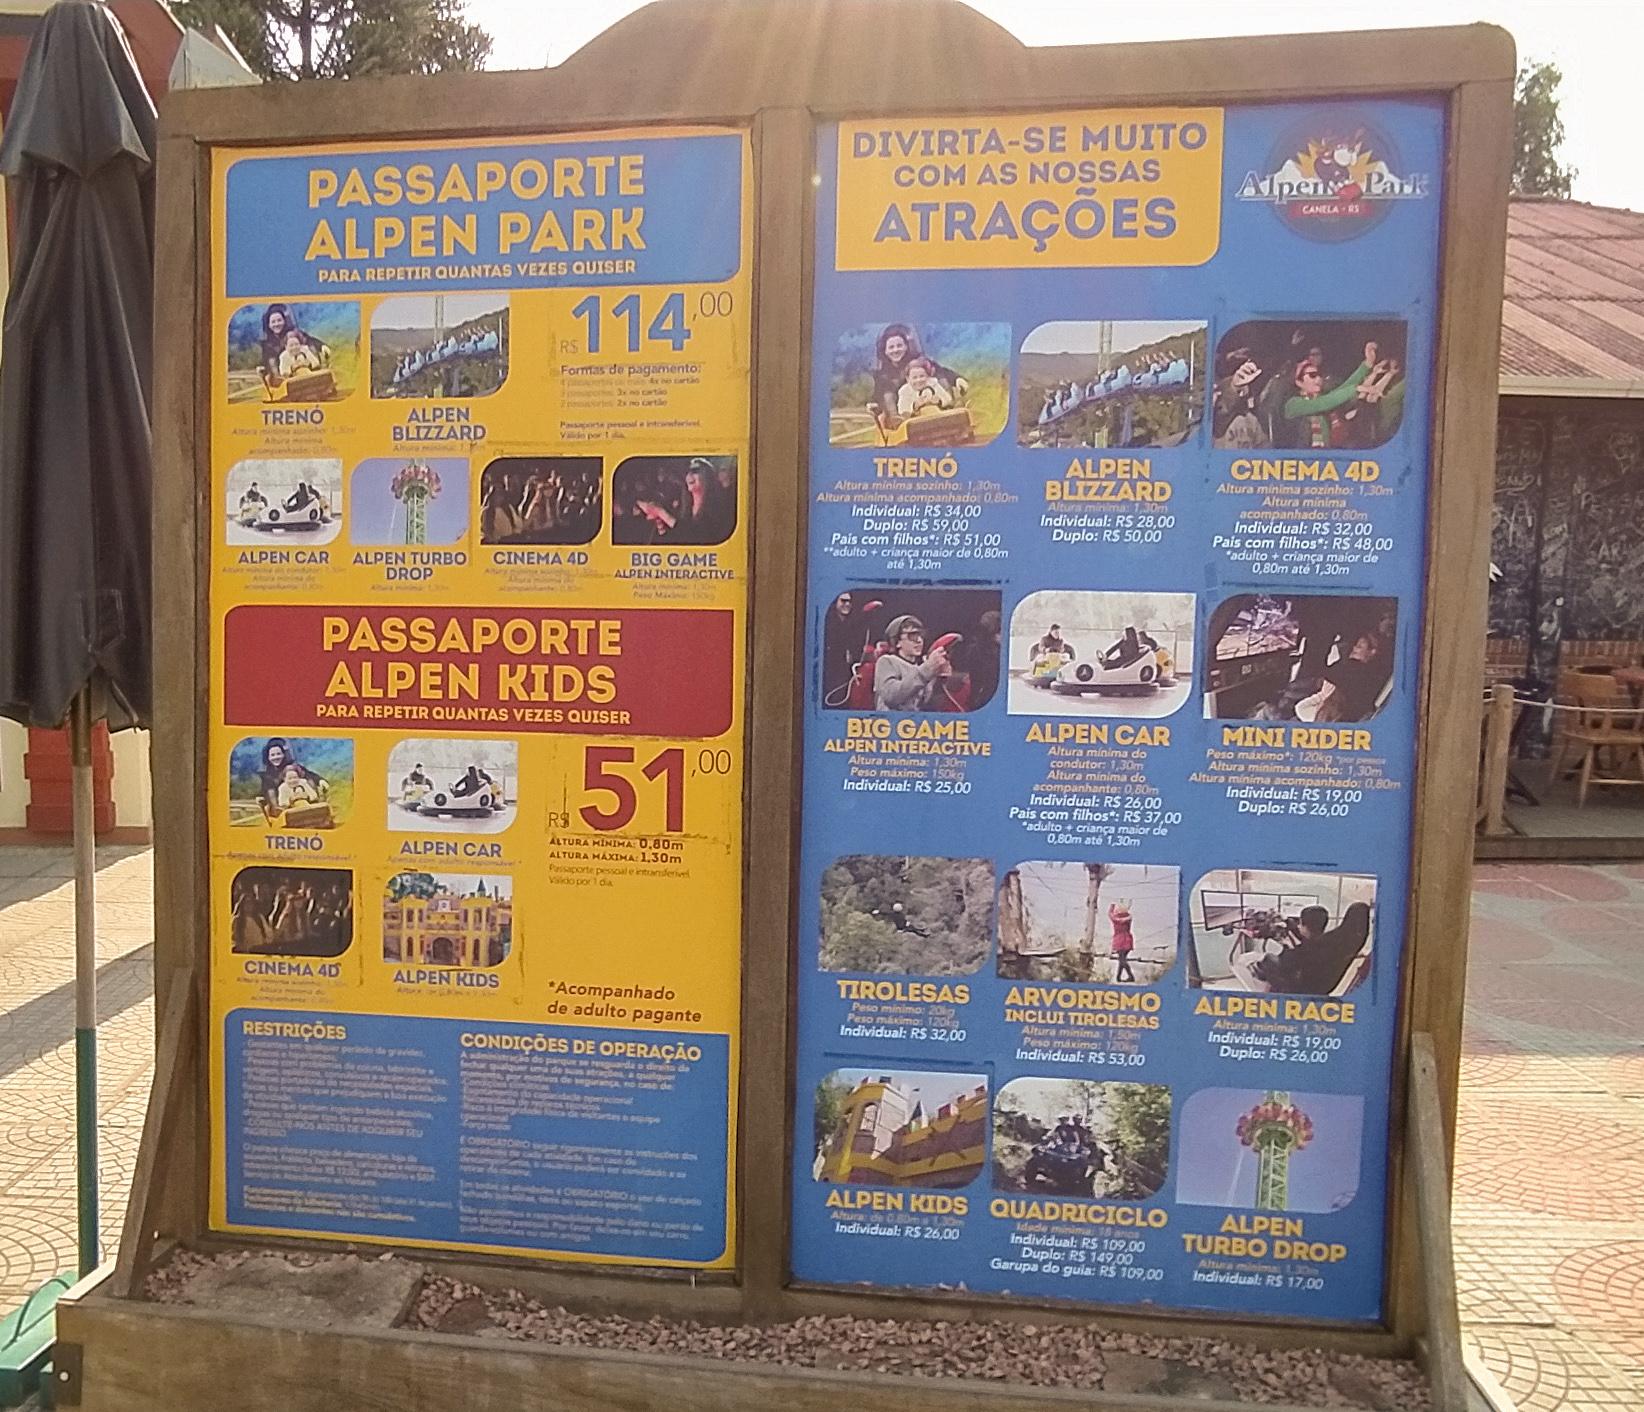 alpen-park-canela-gramado-trenó-parque-de-diversoes3